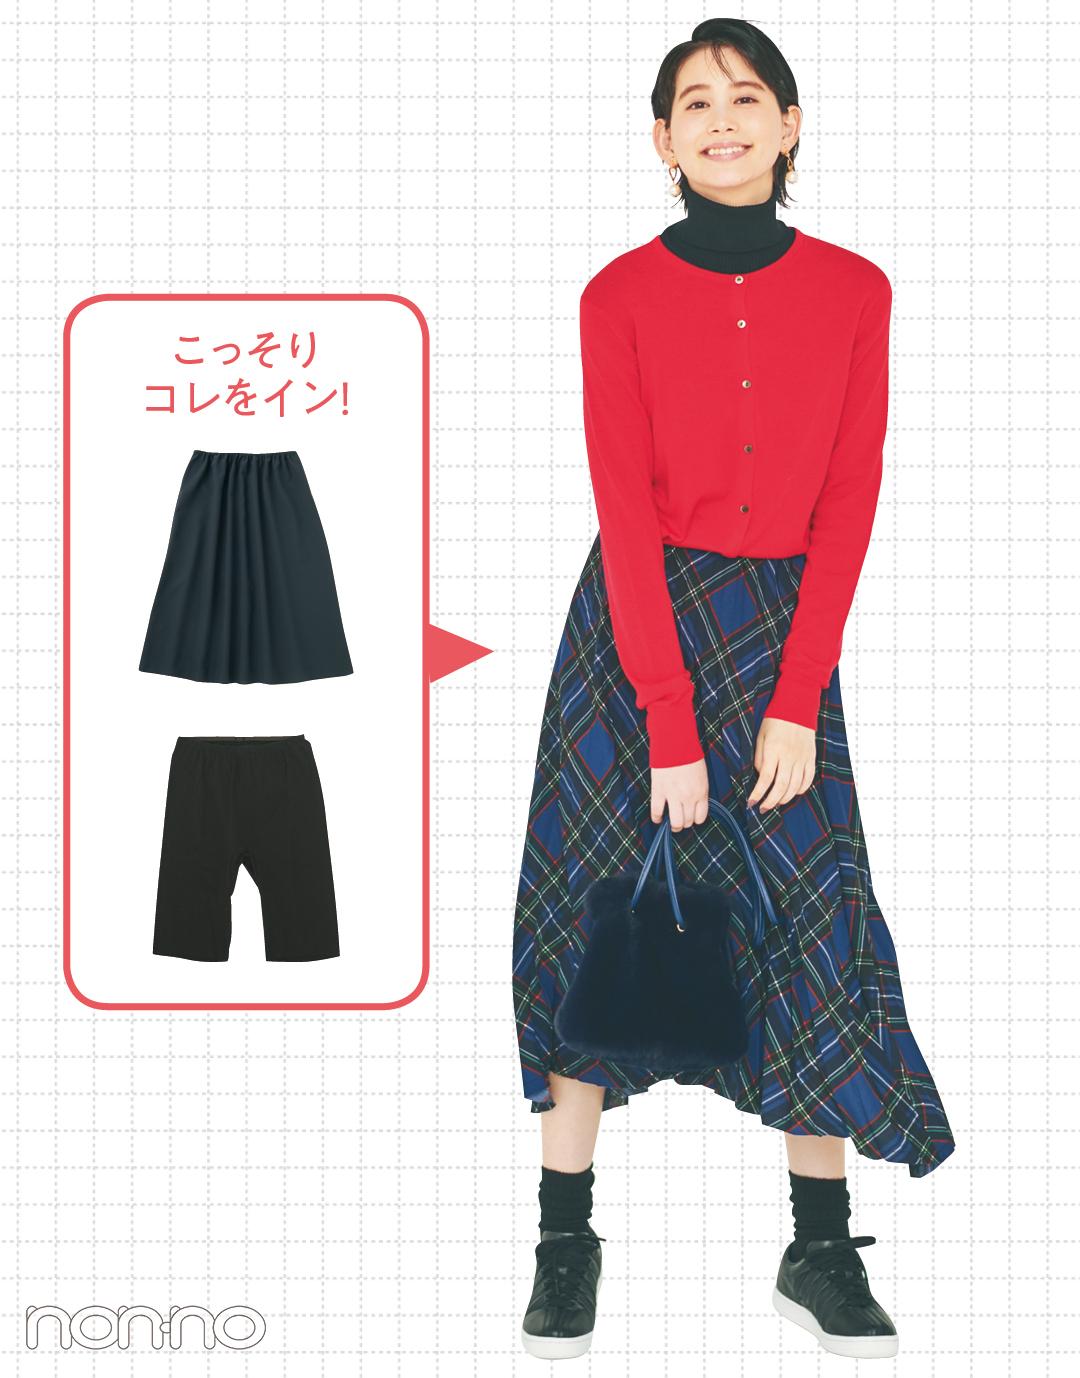 真冬は揺れスカートの足元が寒い…おしゃれに解決するテクを伝授!_1_2-1